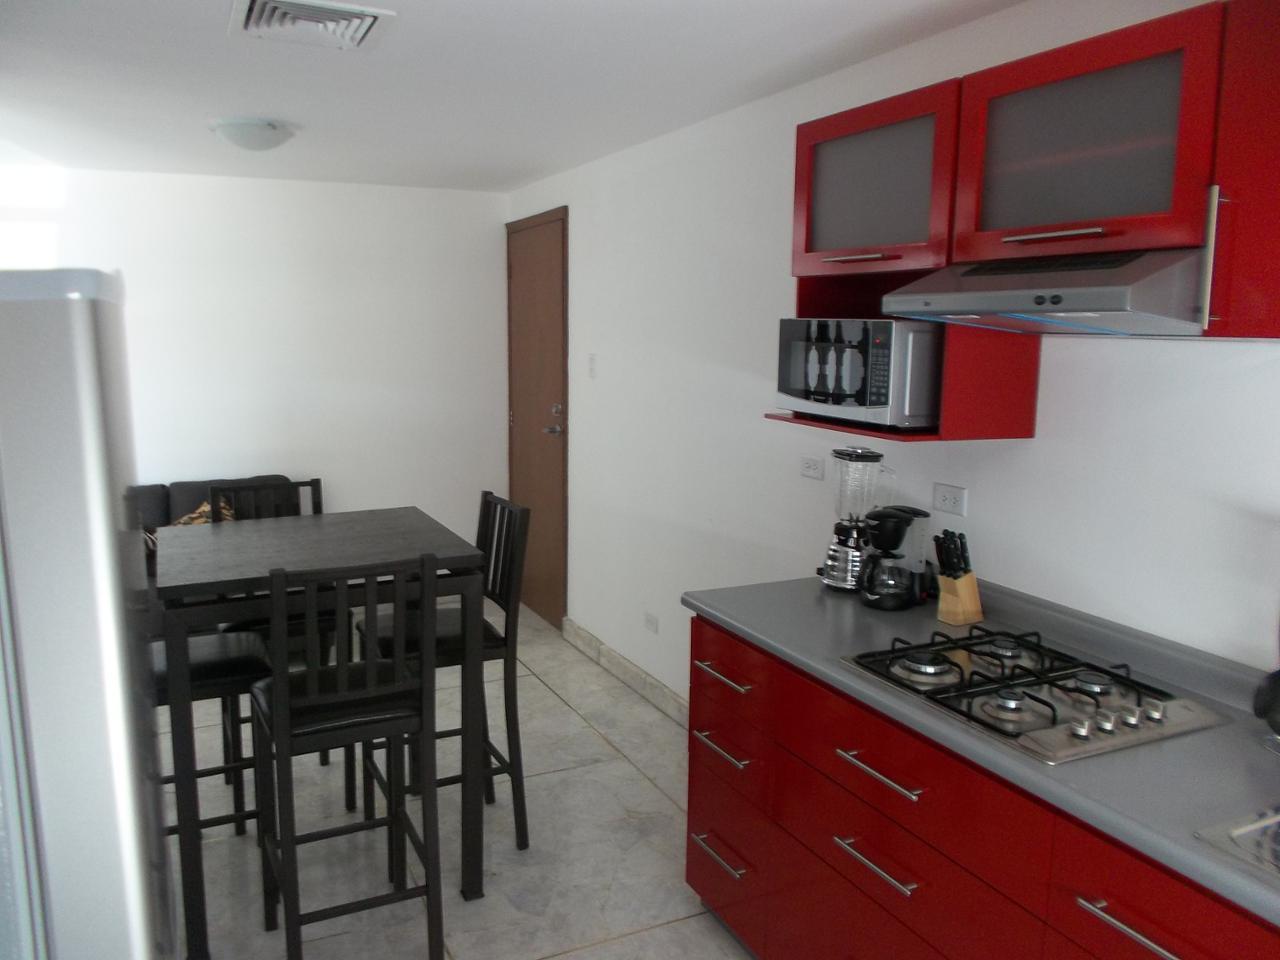 Departamento en Renta en J. Dominguez No. 205, Col. San Felipe, Chihuahua